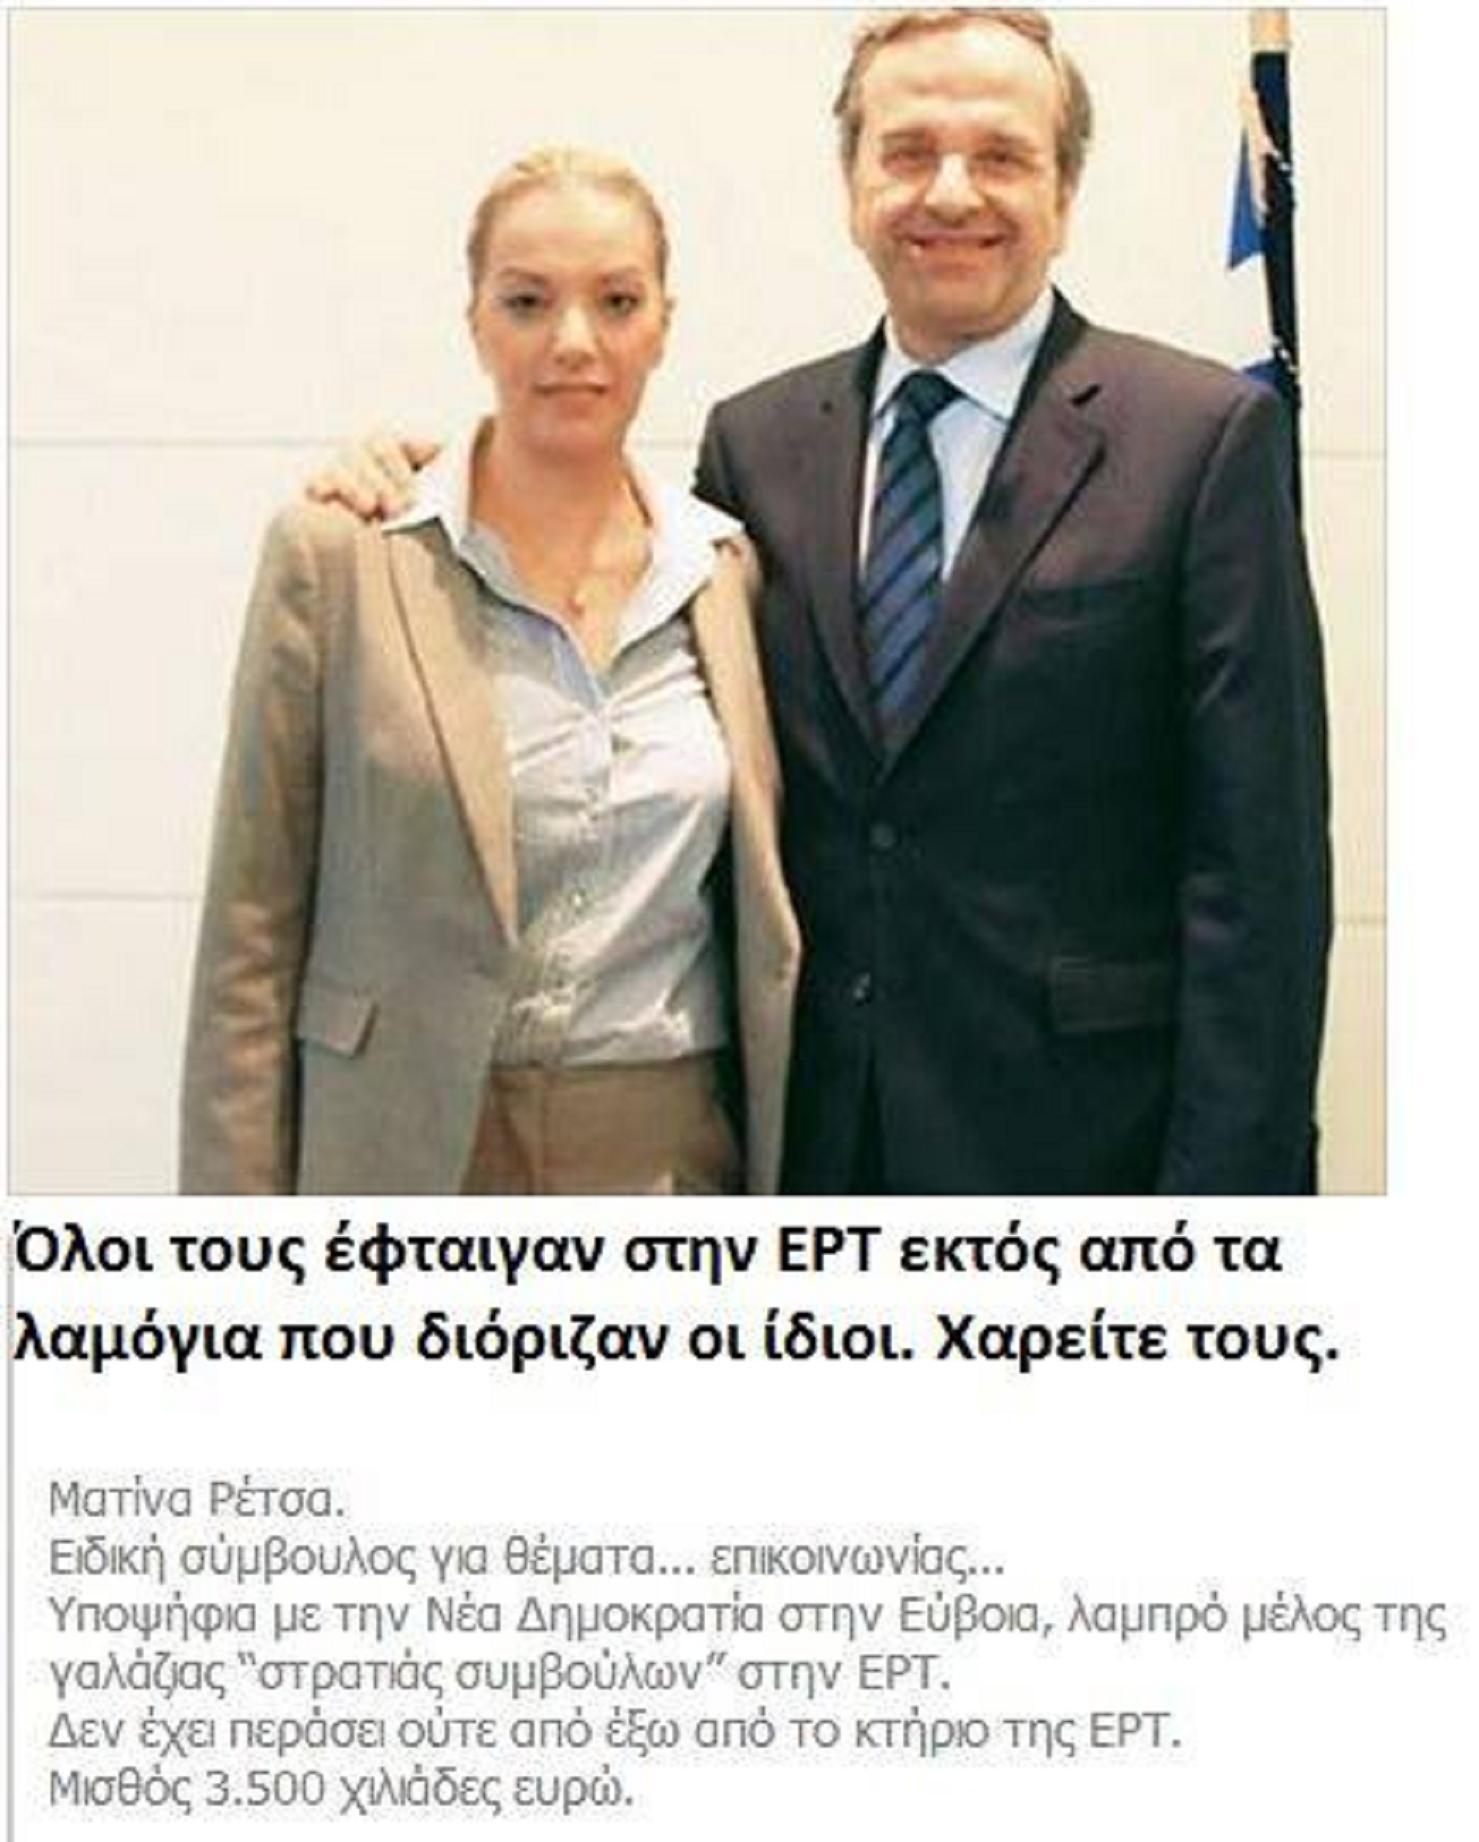 Μερικὰ φυντάνια τῆς μάσας καὶ τοῦ μπουκώματος.1